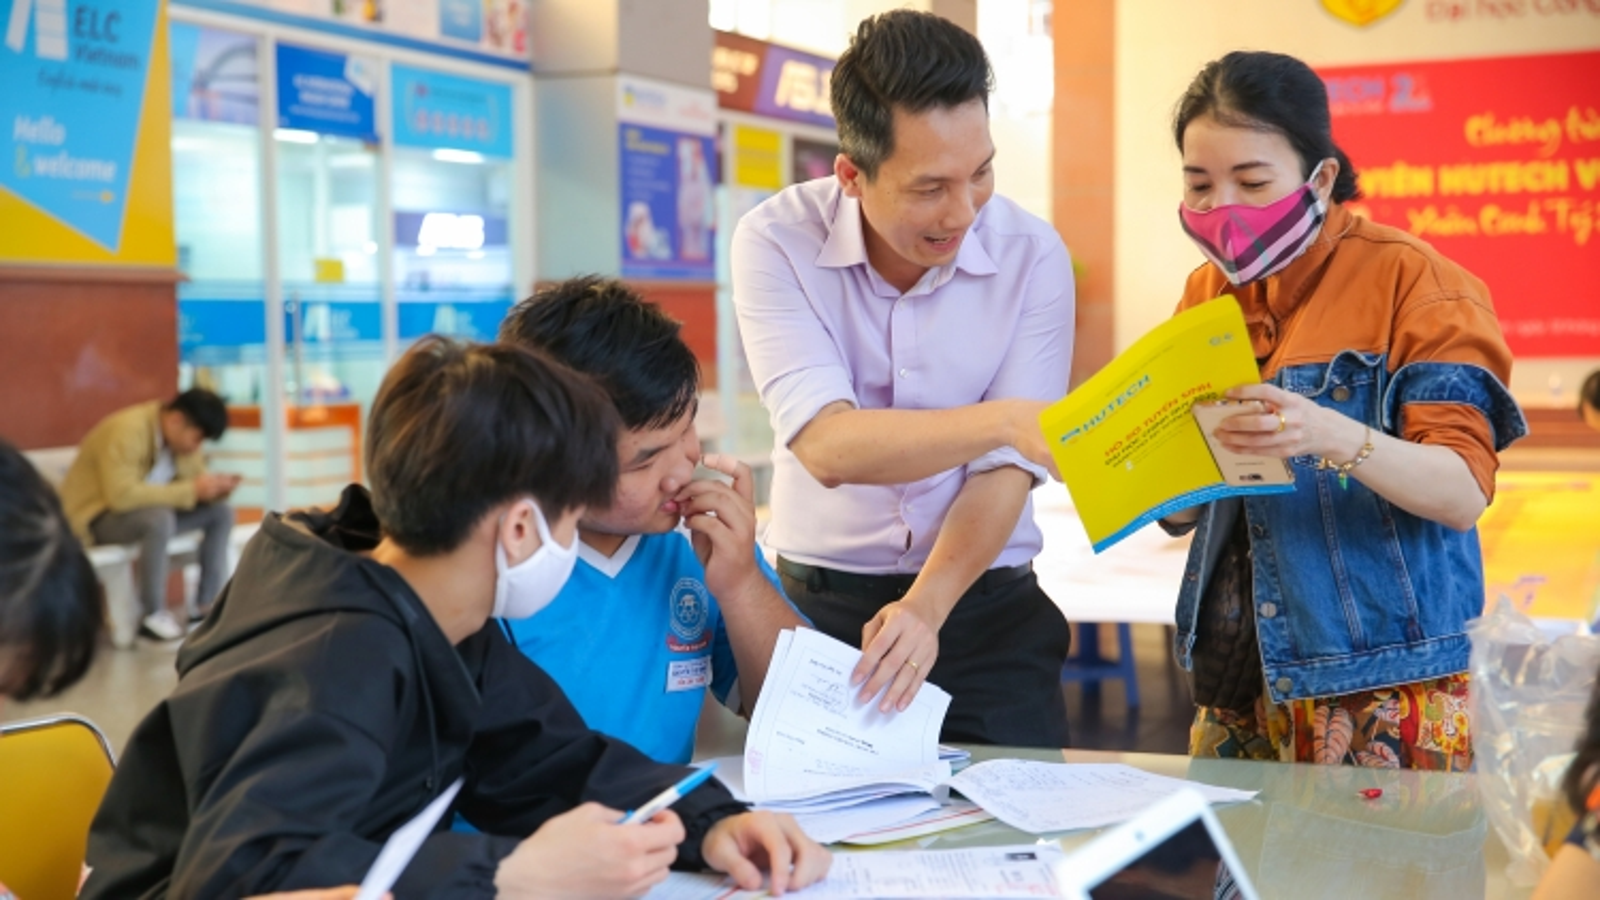 Một số trường Đại học ở TPHCM công bố điểm trúng tuyển từđiểm thi tốt nghiệp THPT